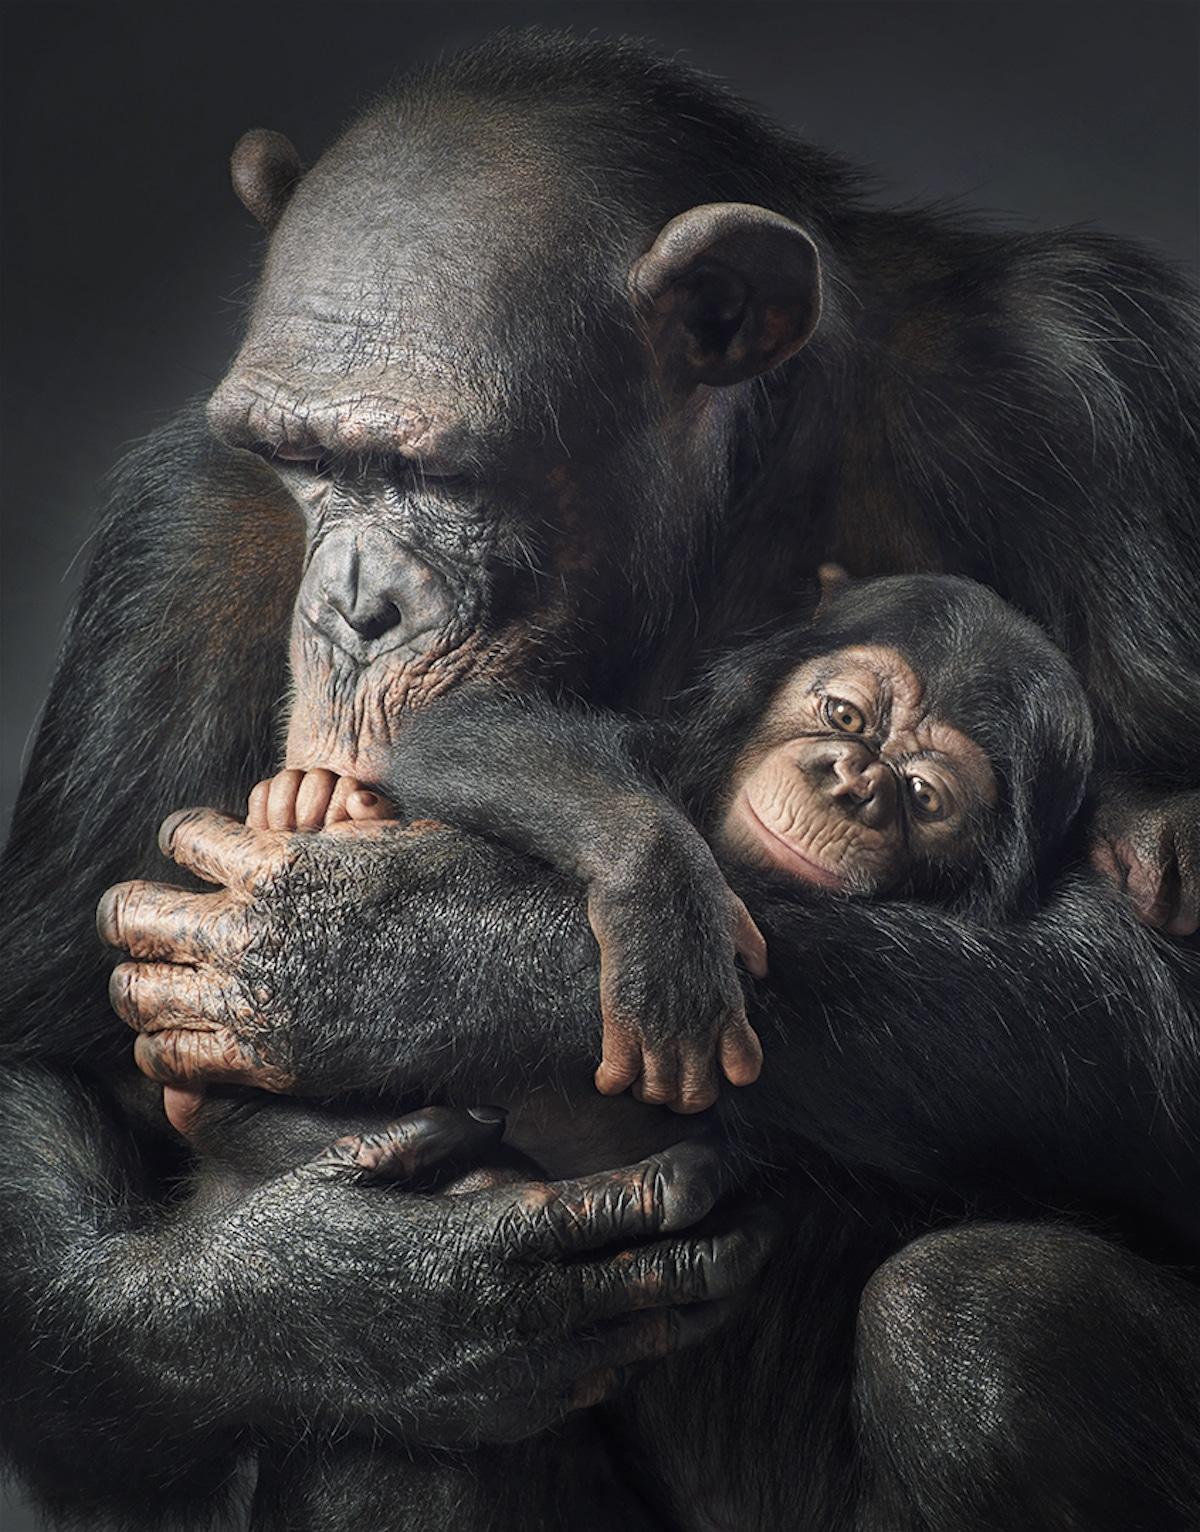 Zdjęcie dorosłej małpy, przytulającej małą